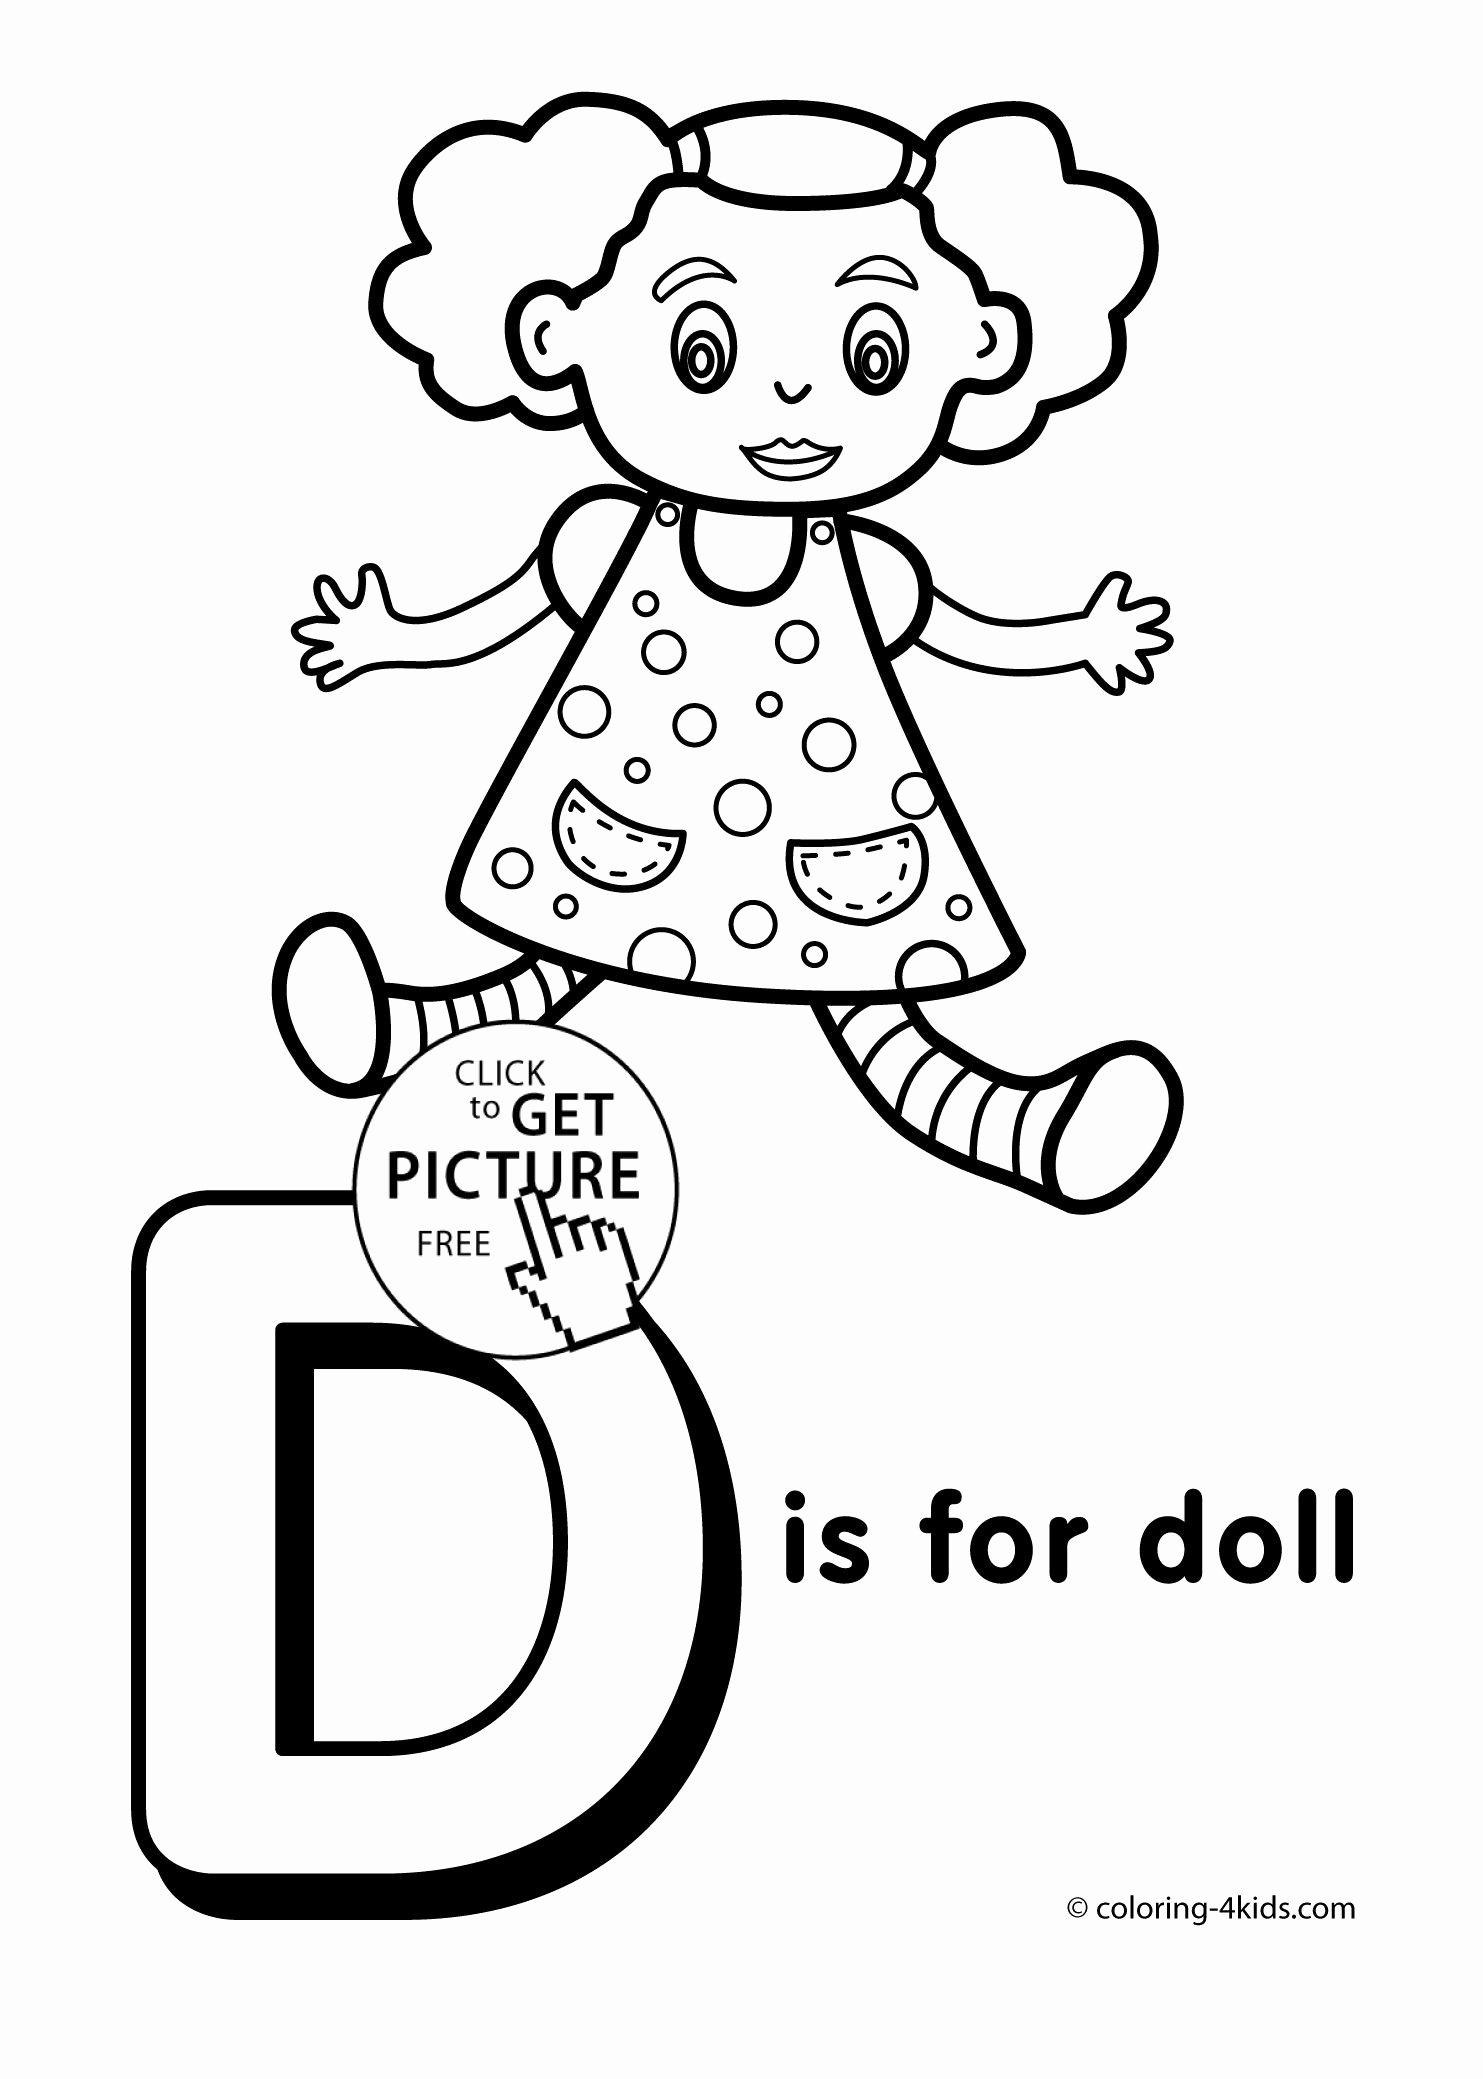 Dltk Worksheets for Preschoolers Kids Dltk Printables Letters Dltk Printable Letters Free